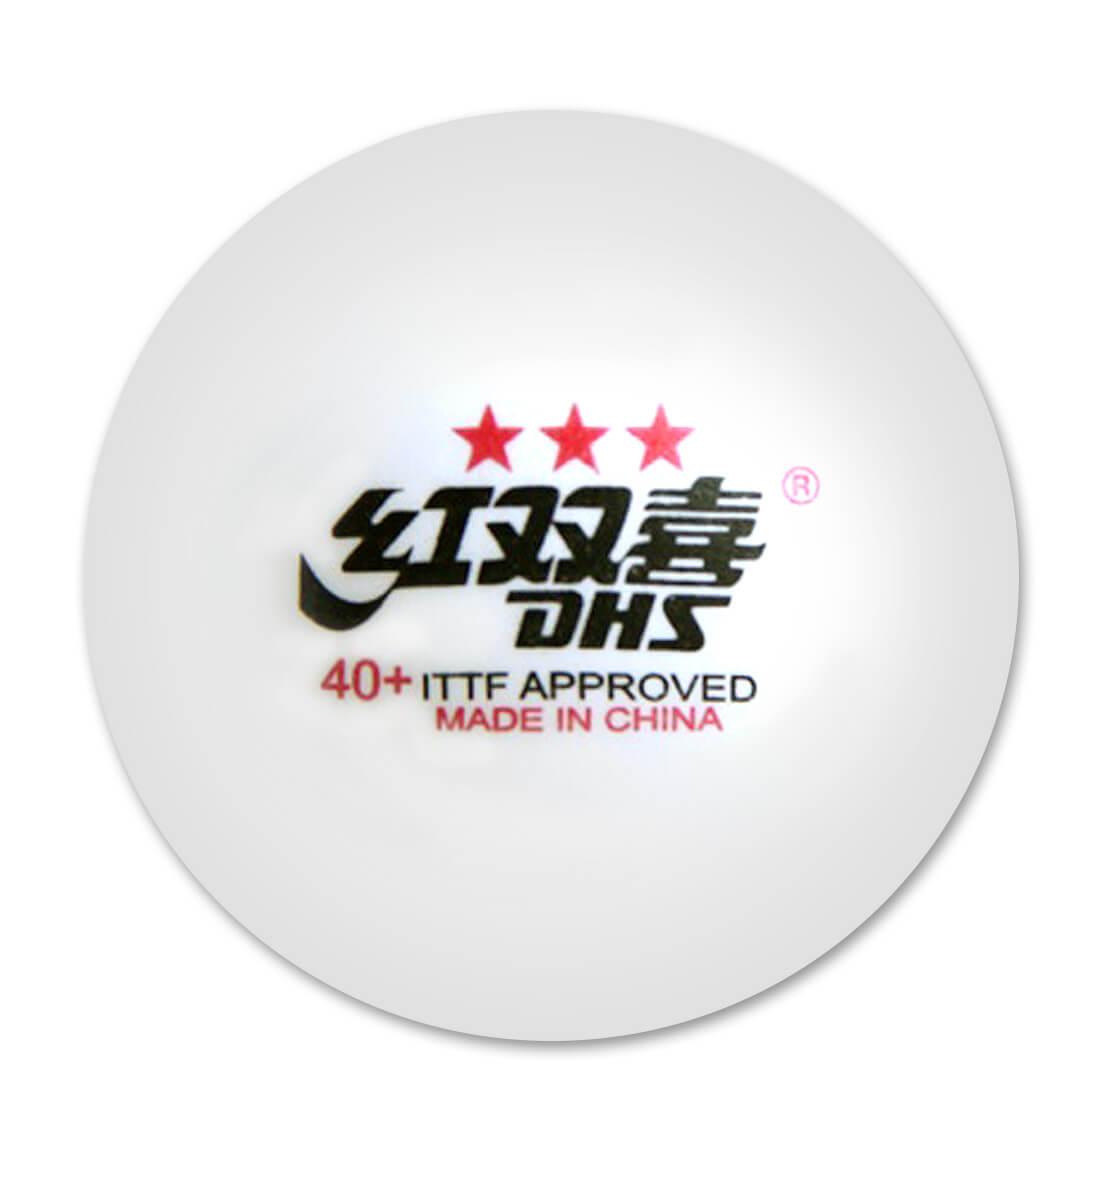 990017c90 Caixa de bolas das Olimpíadas de plástico (40+) 03 estrelas com 6 ...